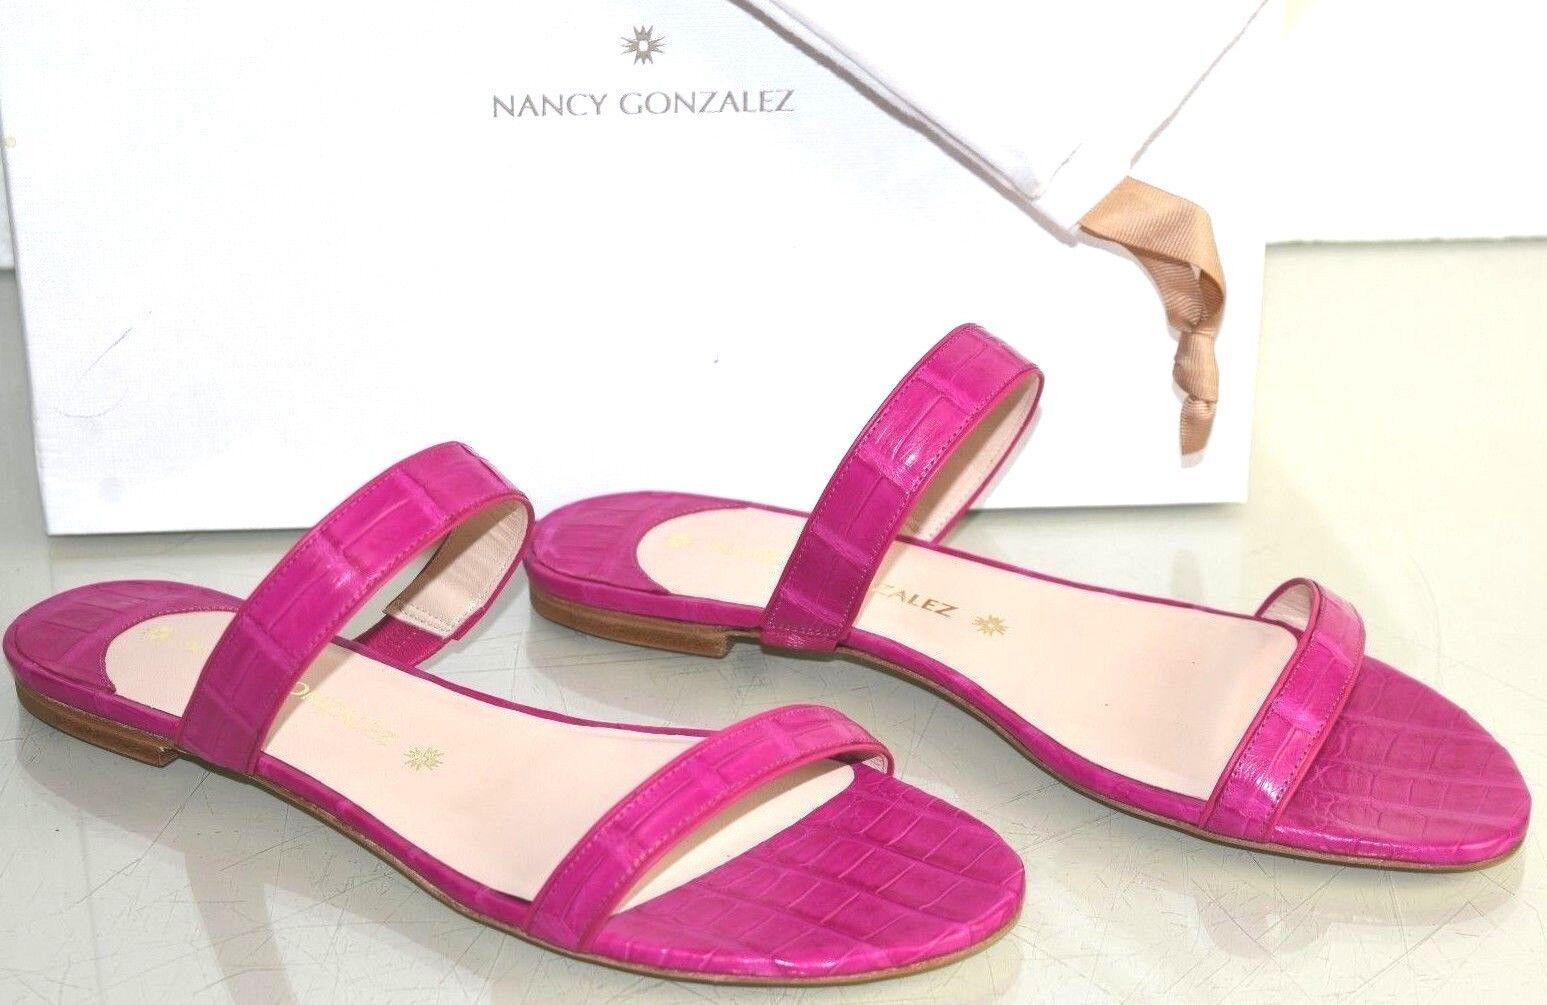 Nuevo Nancy Gonzalez Frida Planos Pinza Cocodrilo Cocodrilo Cocodrilo Desliza Zapatos rosados 41  en linea